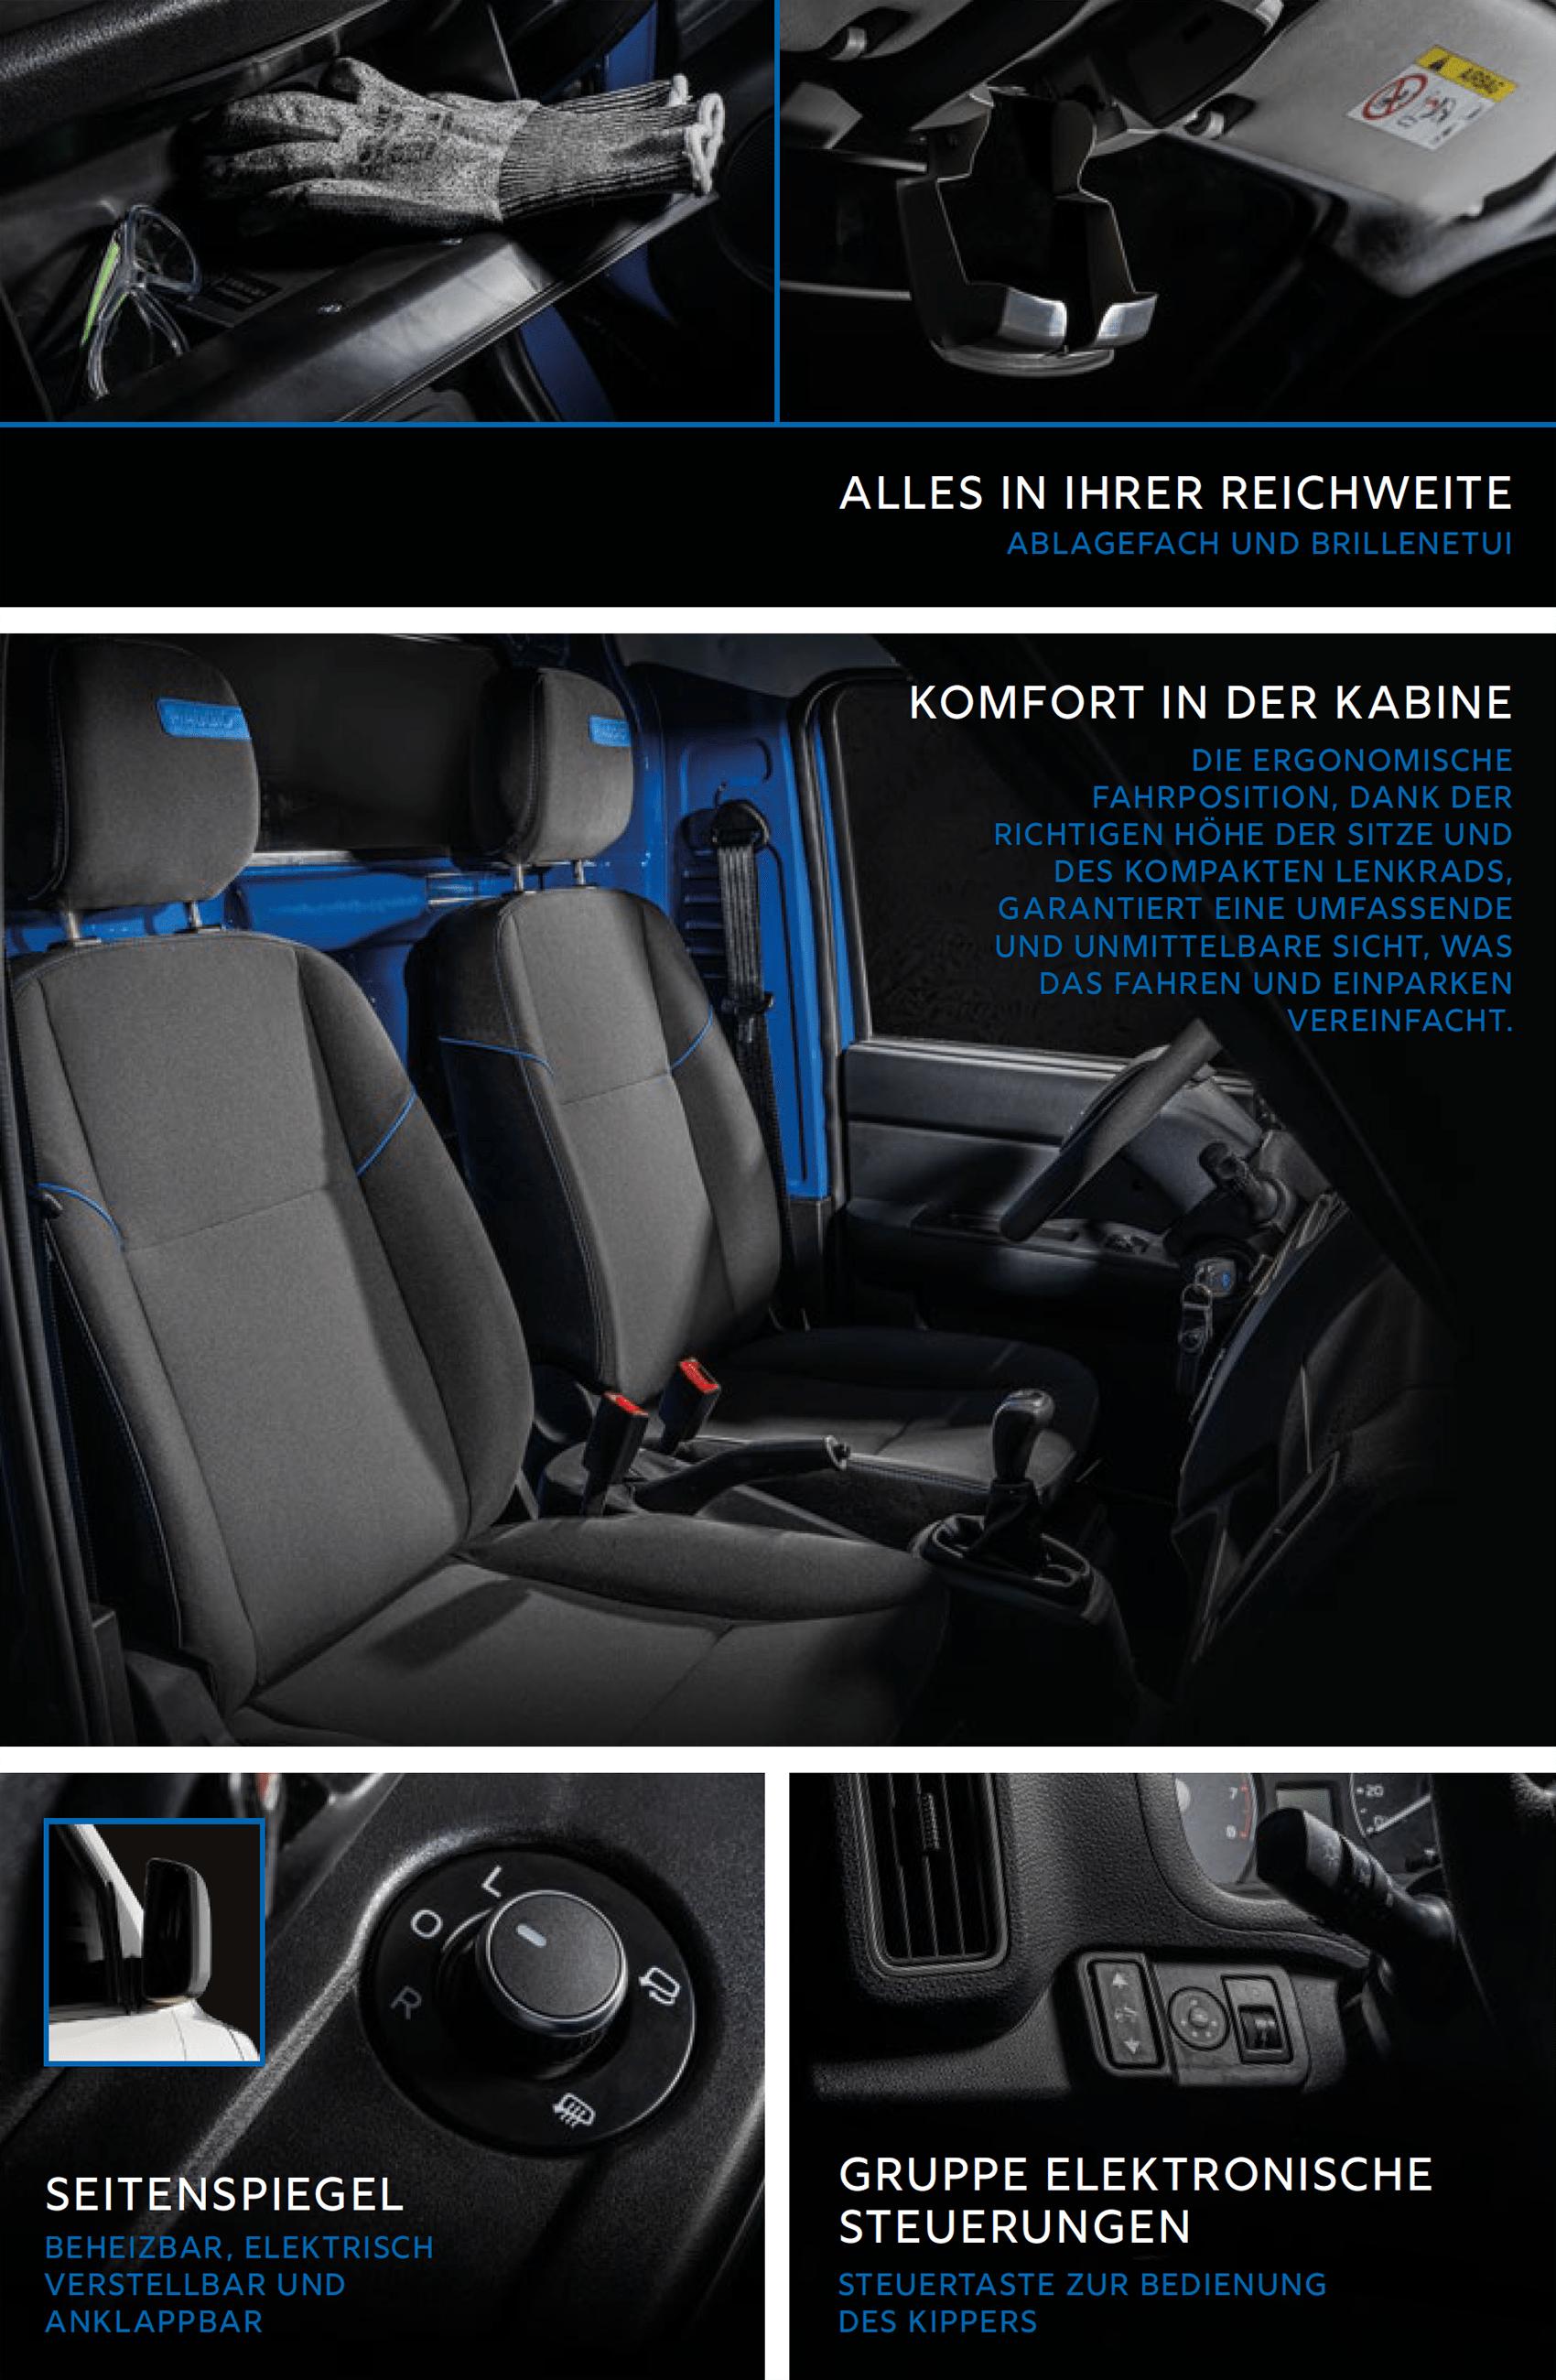 Piaggio Porter NP6 Ausstattung: Zu den Assistenzsystemen zählen ESC, ASR, ABS und EBD. Serienmäßig an Bord sind zudem ein Fahrer-Front und ein Fahrer-Seitenairbag. Weitere Airbags gibt es gegen Aufpreis. Das Cockpit lässt sich in fünf Varianten ausstatten. Möglich sind USB-Steckdosen. Klimaanlage und auch DAB+-Radios. Zur Serienausstattung gehören auch das automatische Notfall-eCall-System und die elektrisch verstellbaren Seitenspiegel mit Einklappfunktion.